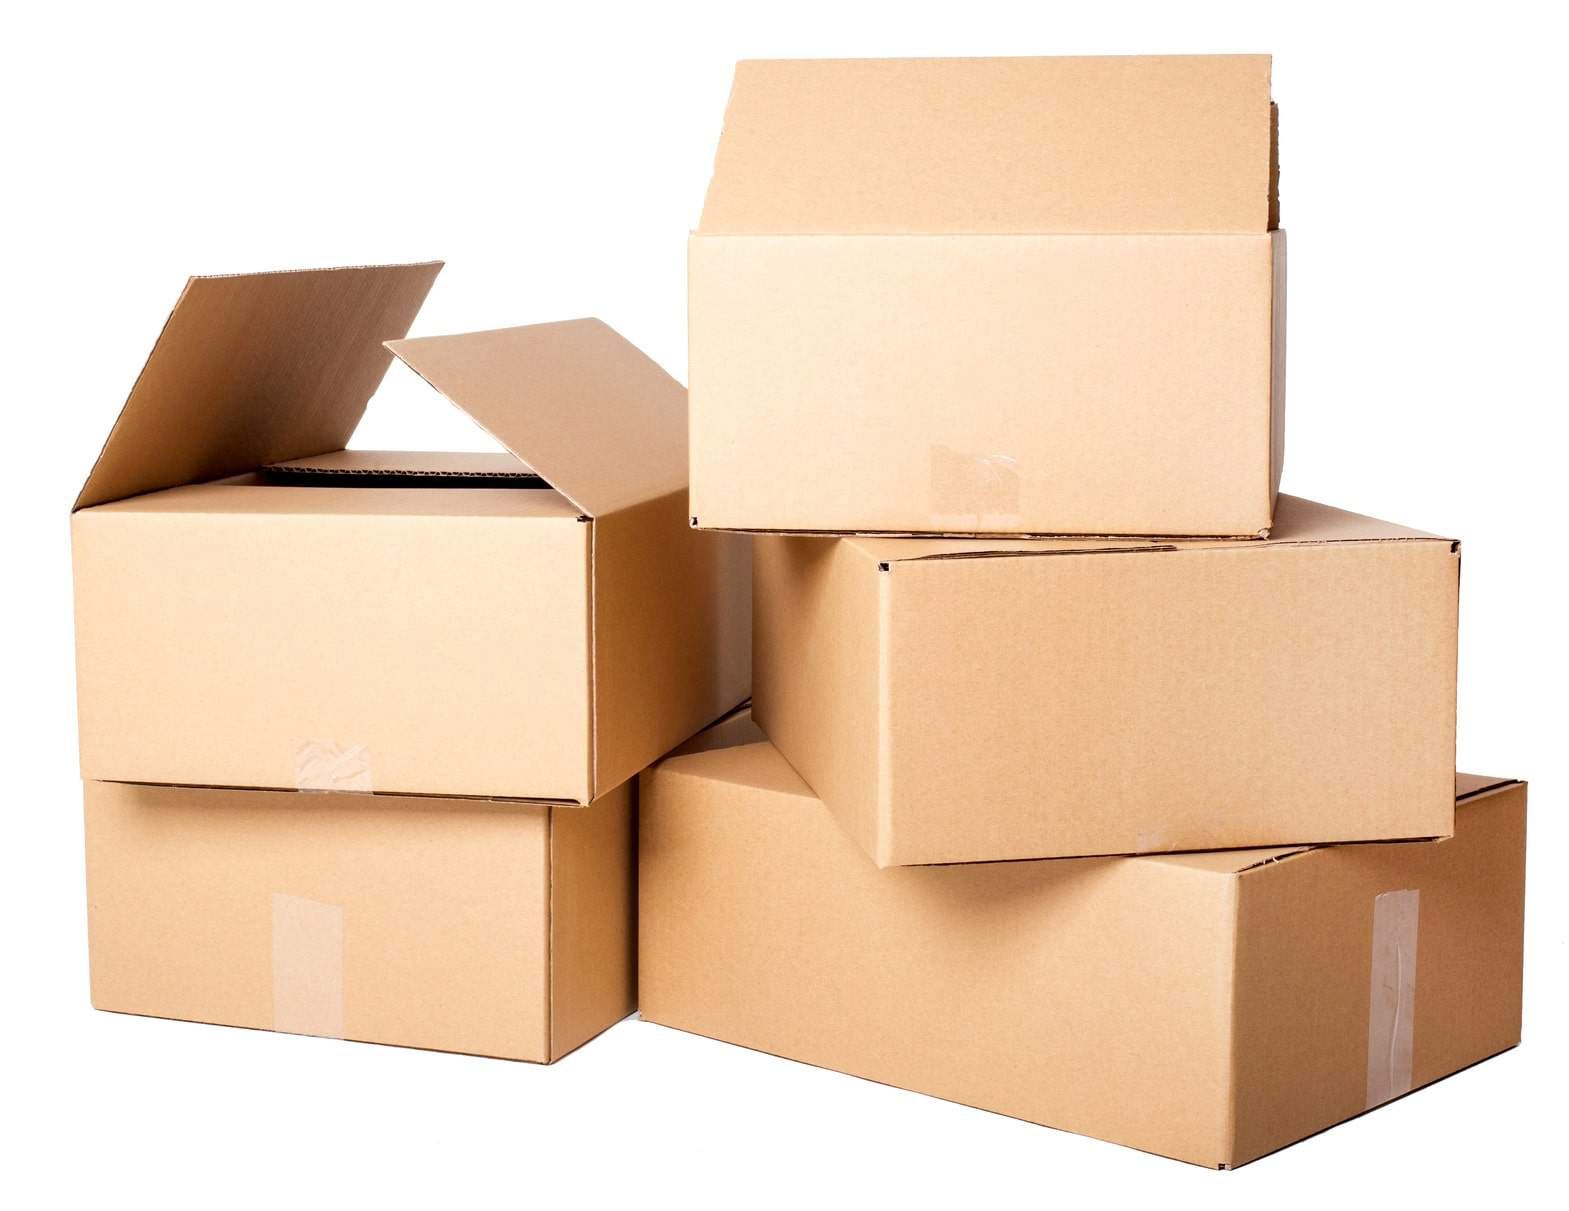 Cung cấp & bán Thùng giấy đựng hồ sơ ở TP.HCM